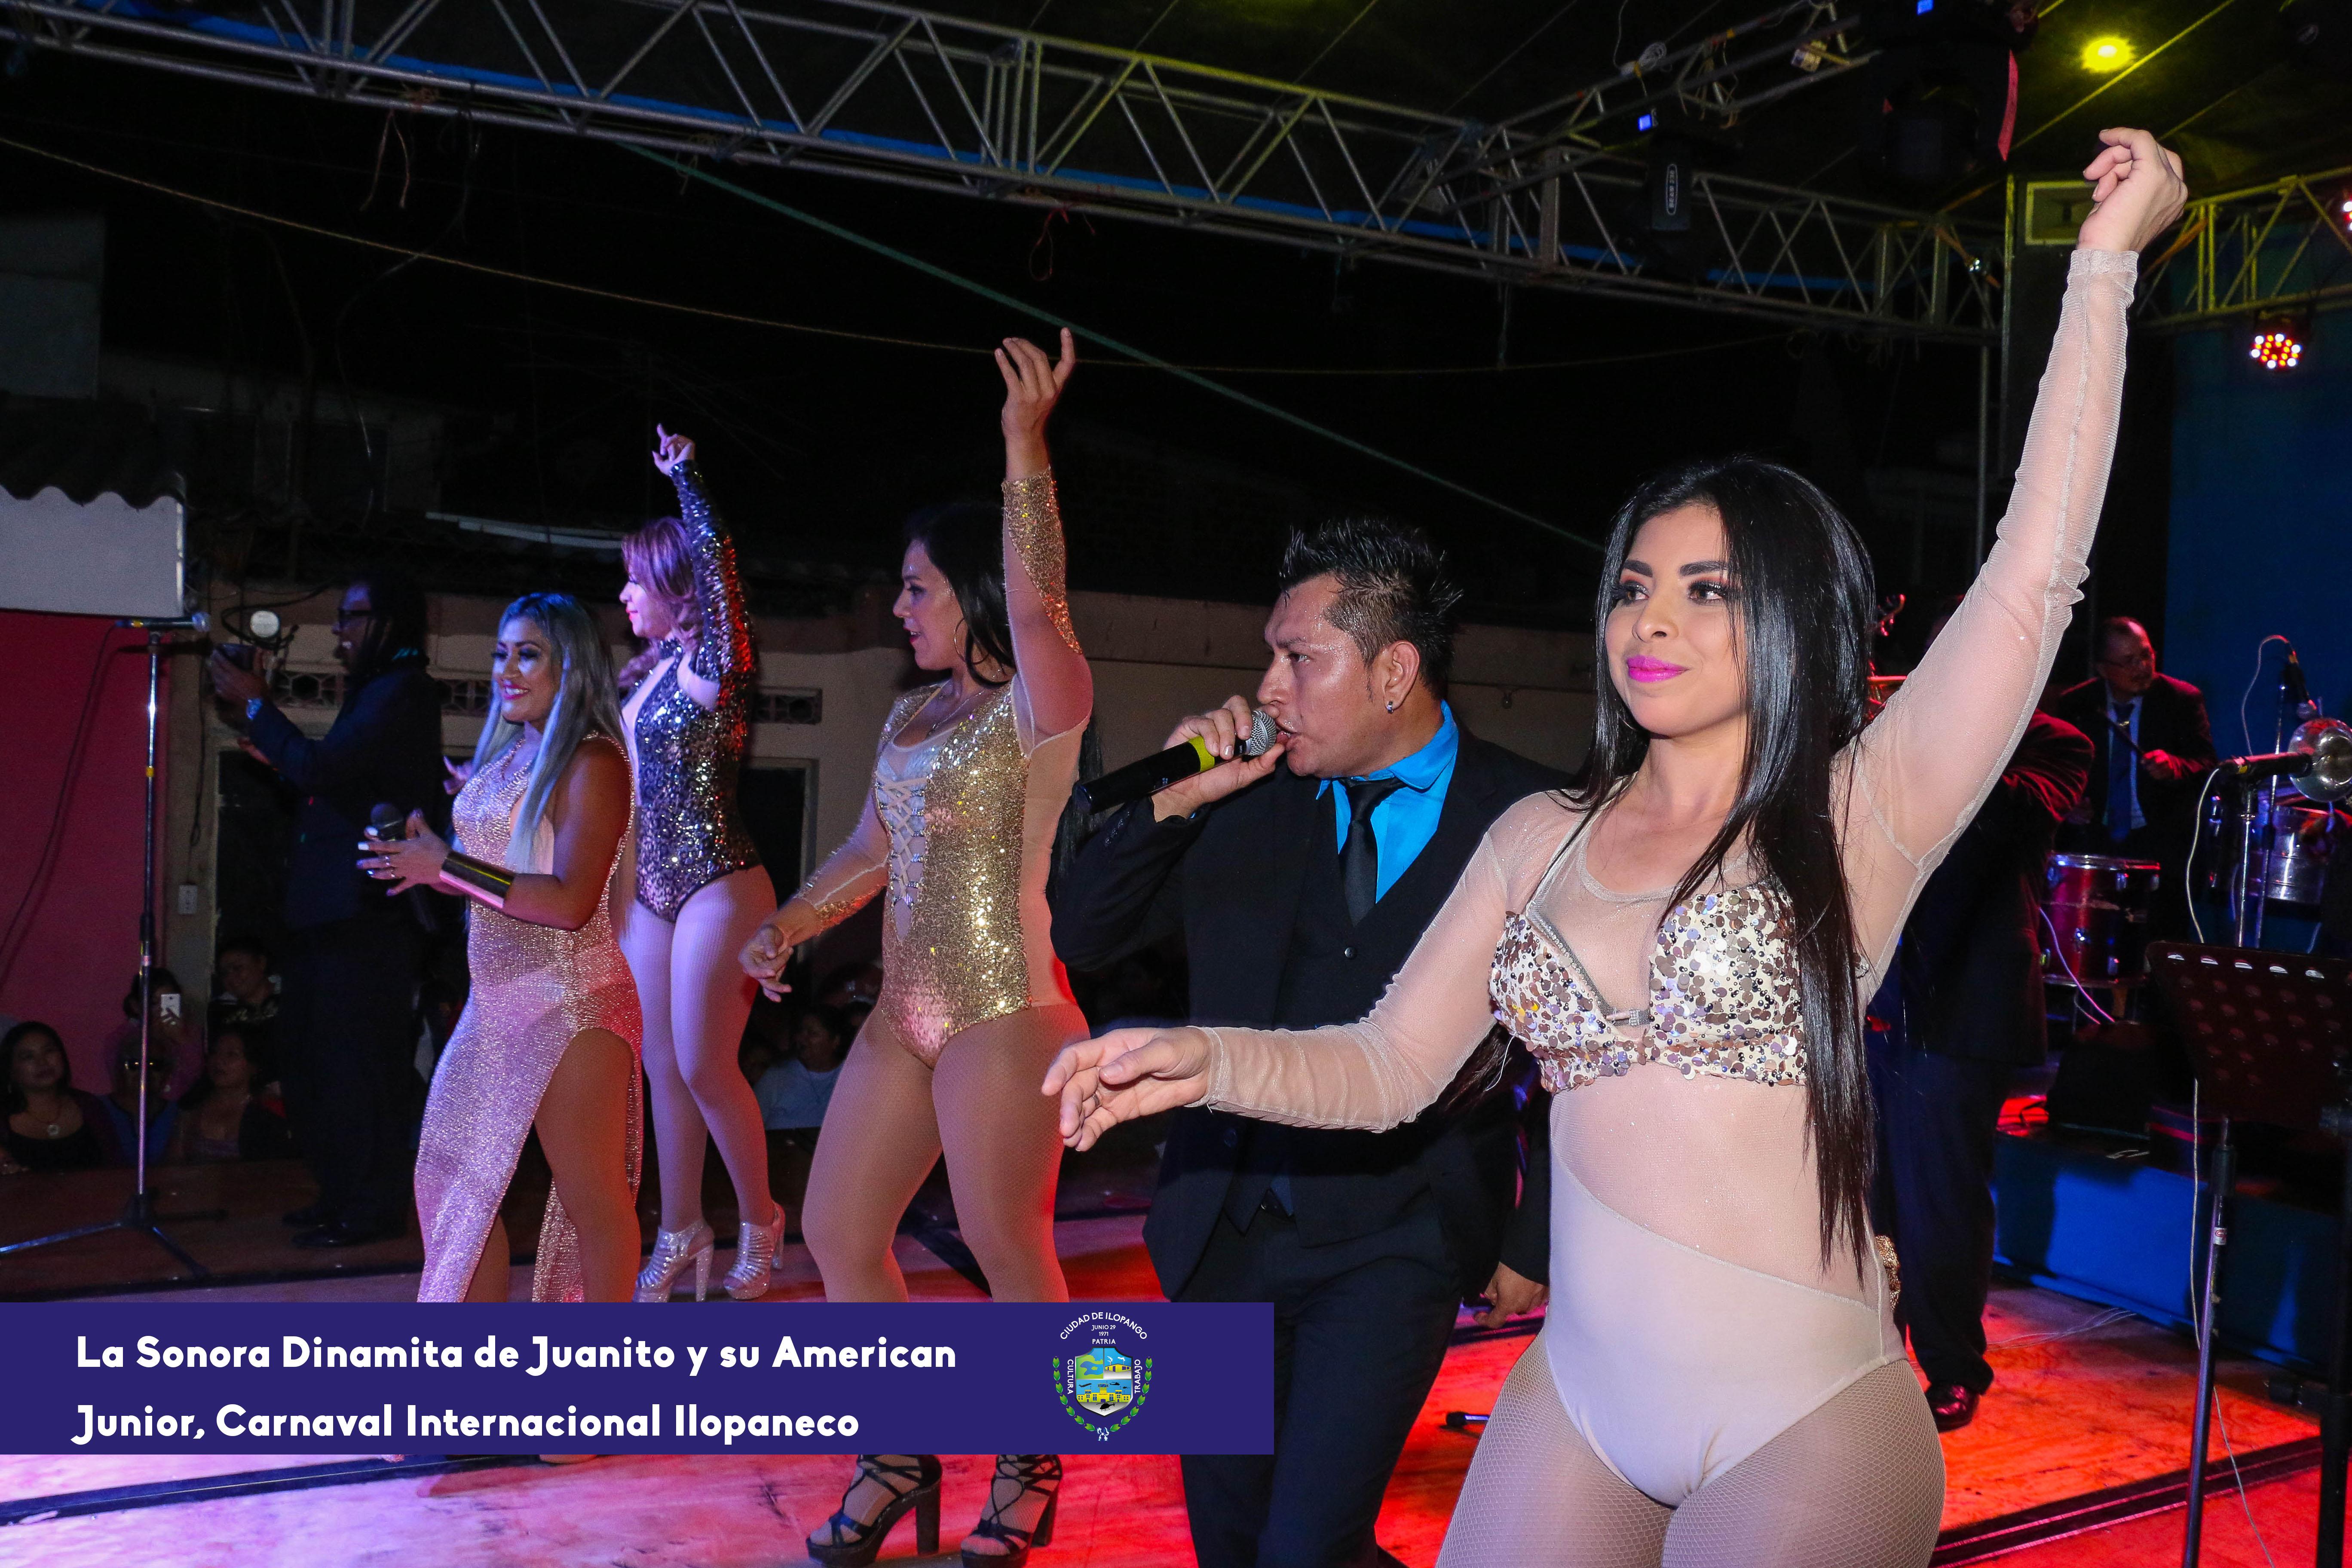 La-Sonora-Dinamita-de-Juanito-y-su-American-Junior